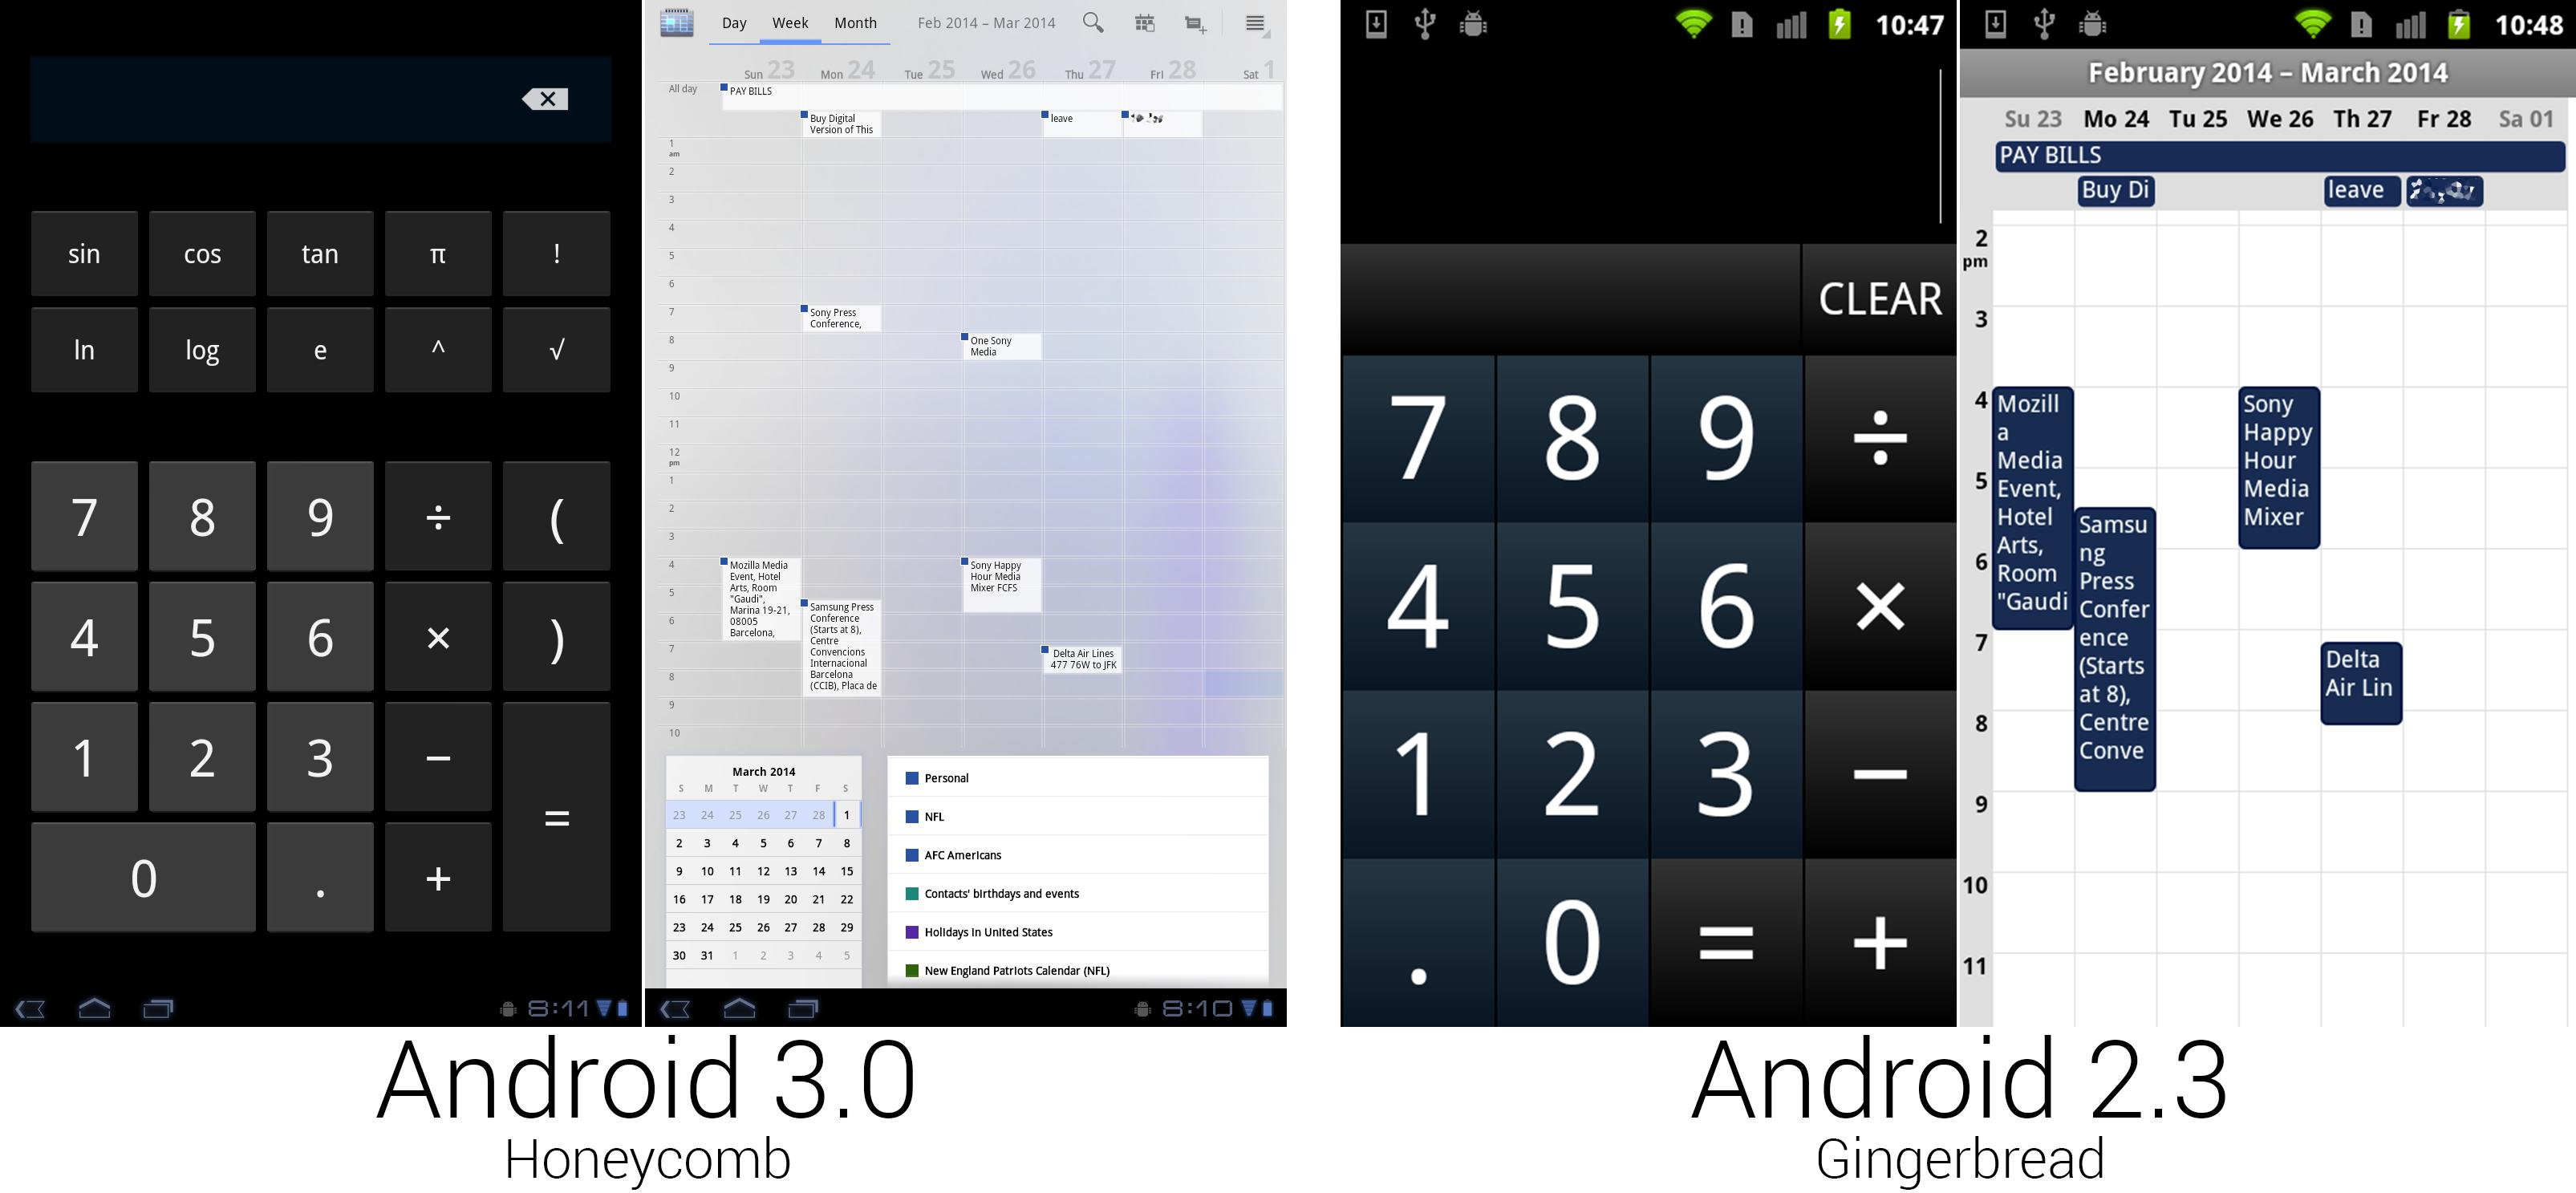 计算器使用了常规的安卓按钮,但日历看起来像是被谁打翻了蓝墨水。